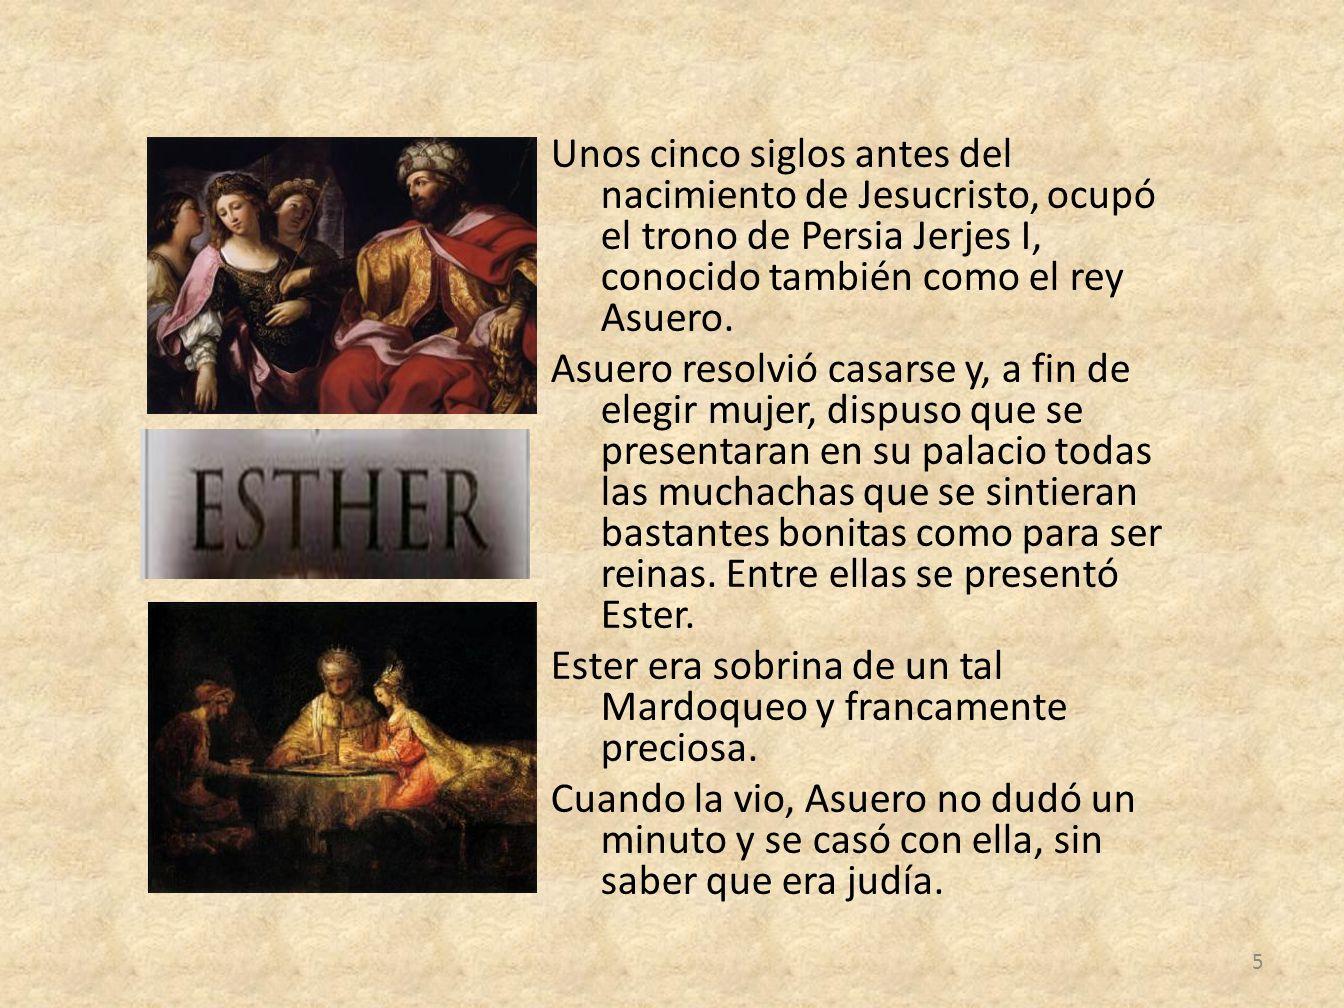 Unos cinco siglos antes del nacimiento de Jesucristo, ocupó el trono de Persia Jerjes I, conocido también como el rey Asuero.